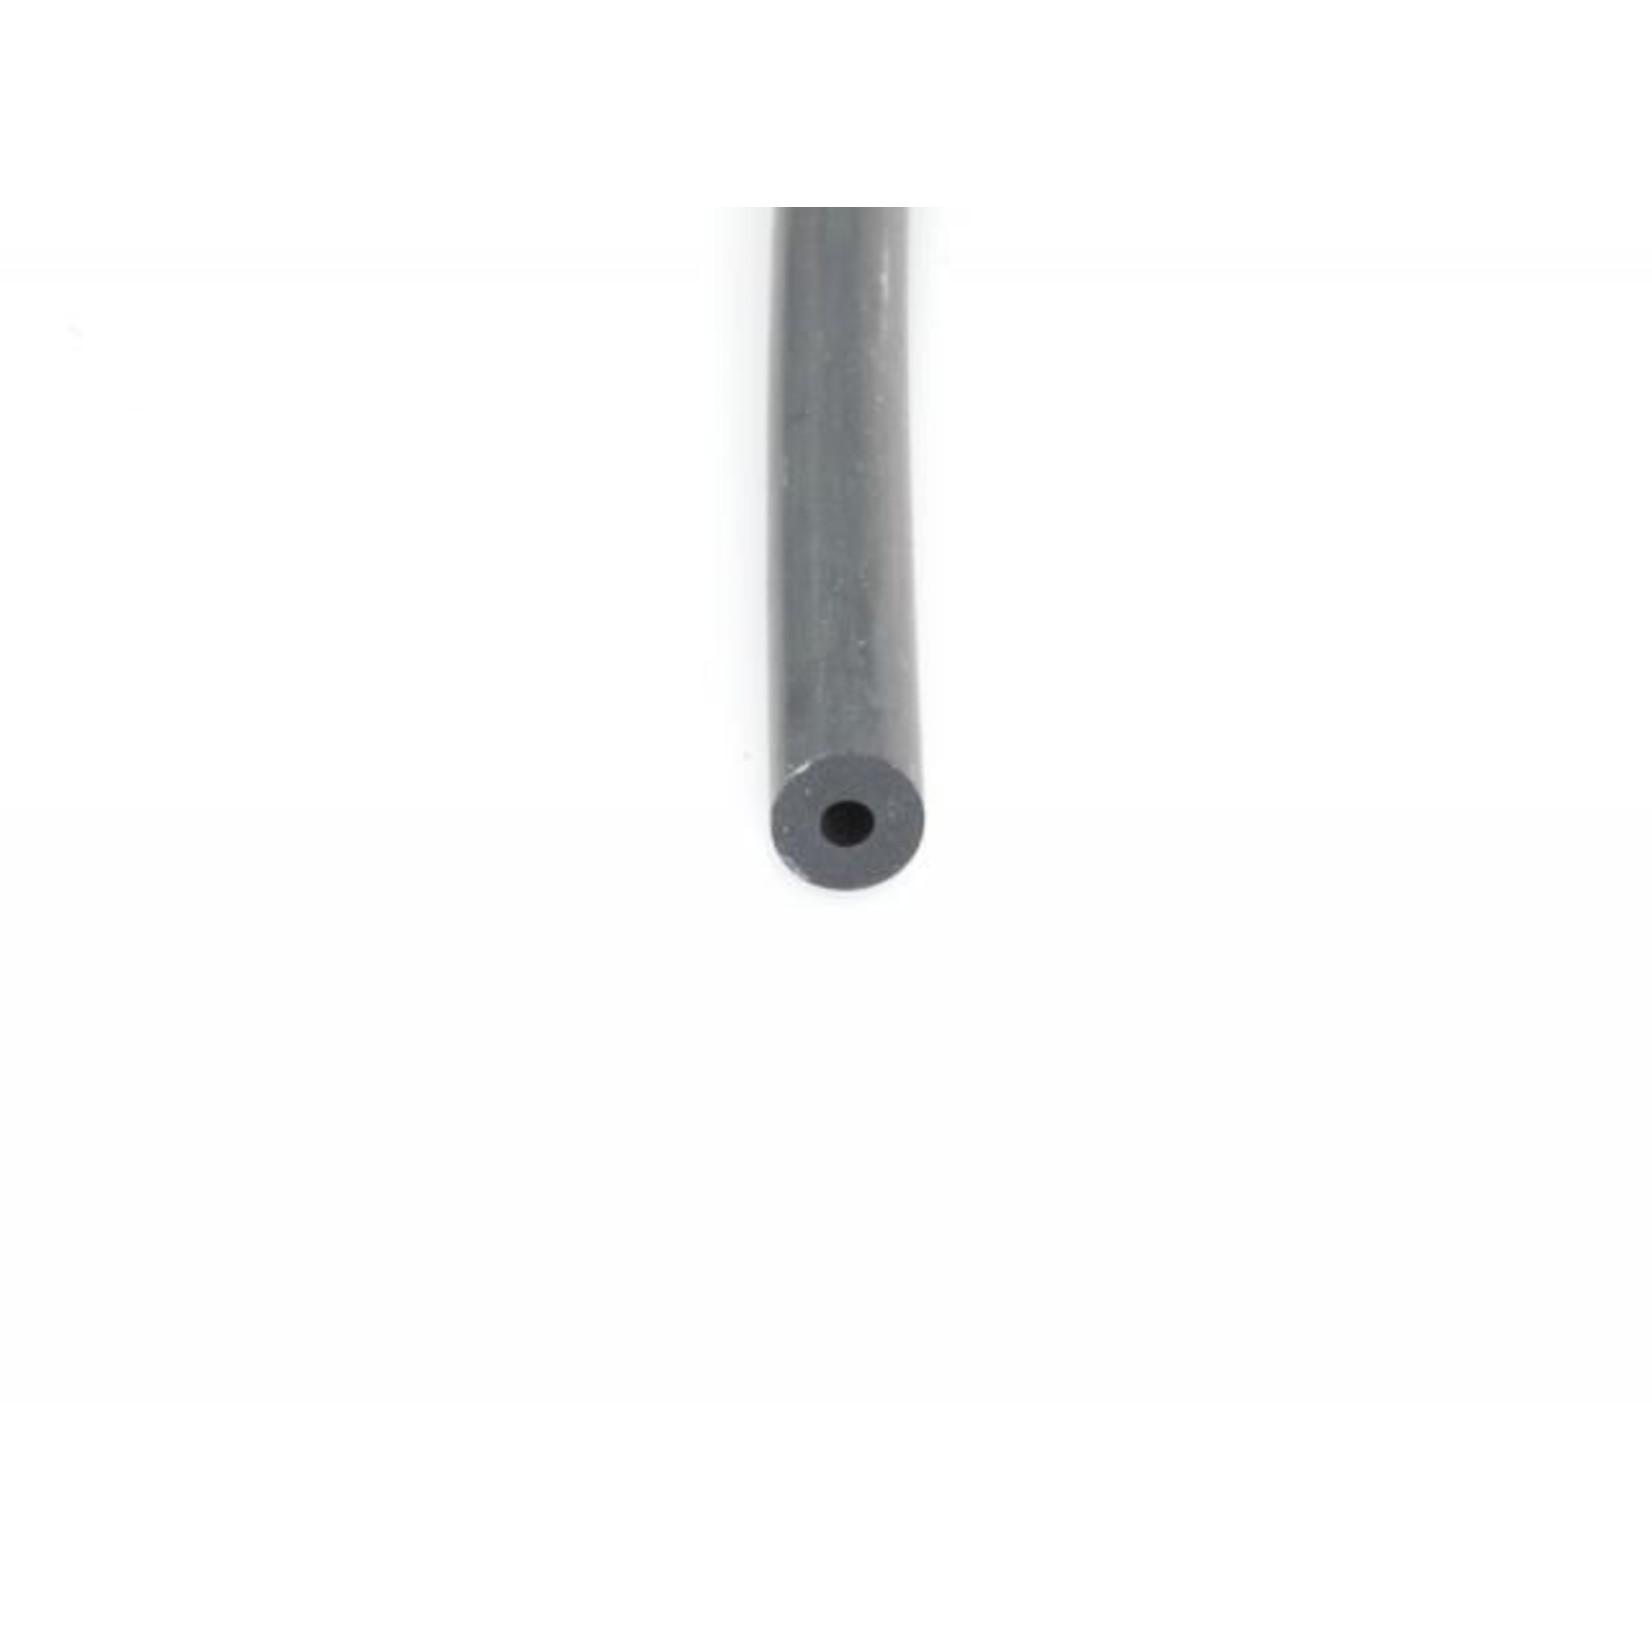 Tubo de retorno caucho LHM 3 x 8mm Nr Org: DVN394157